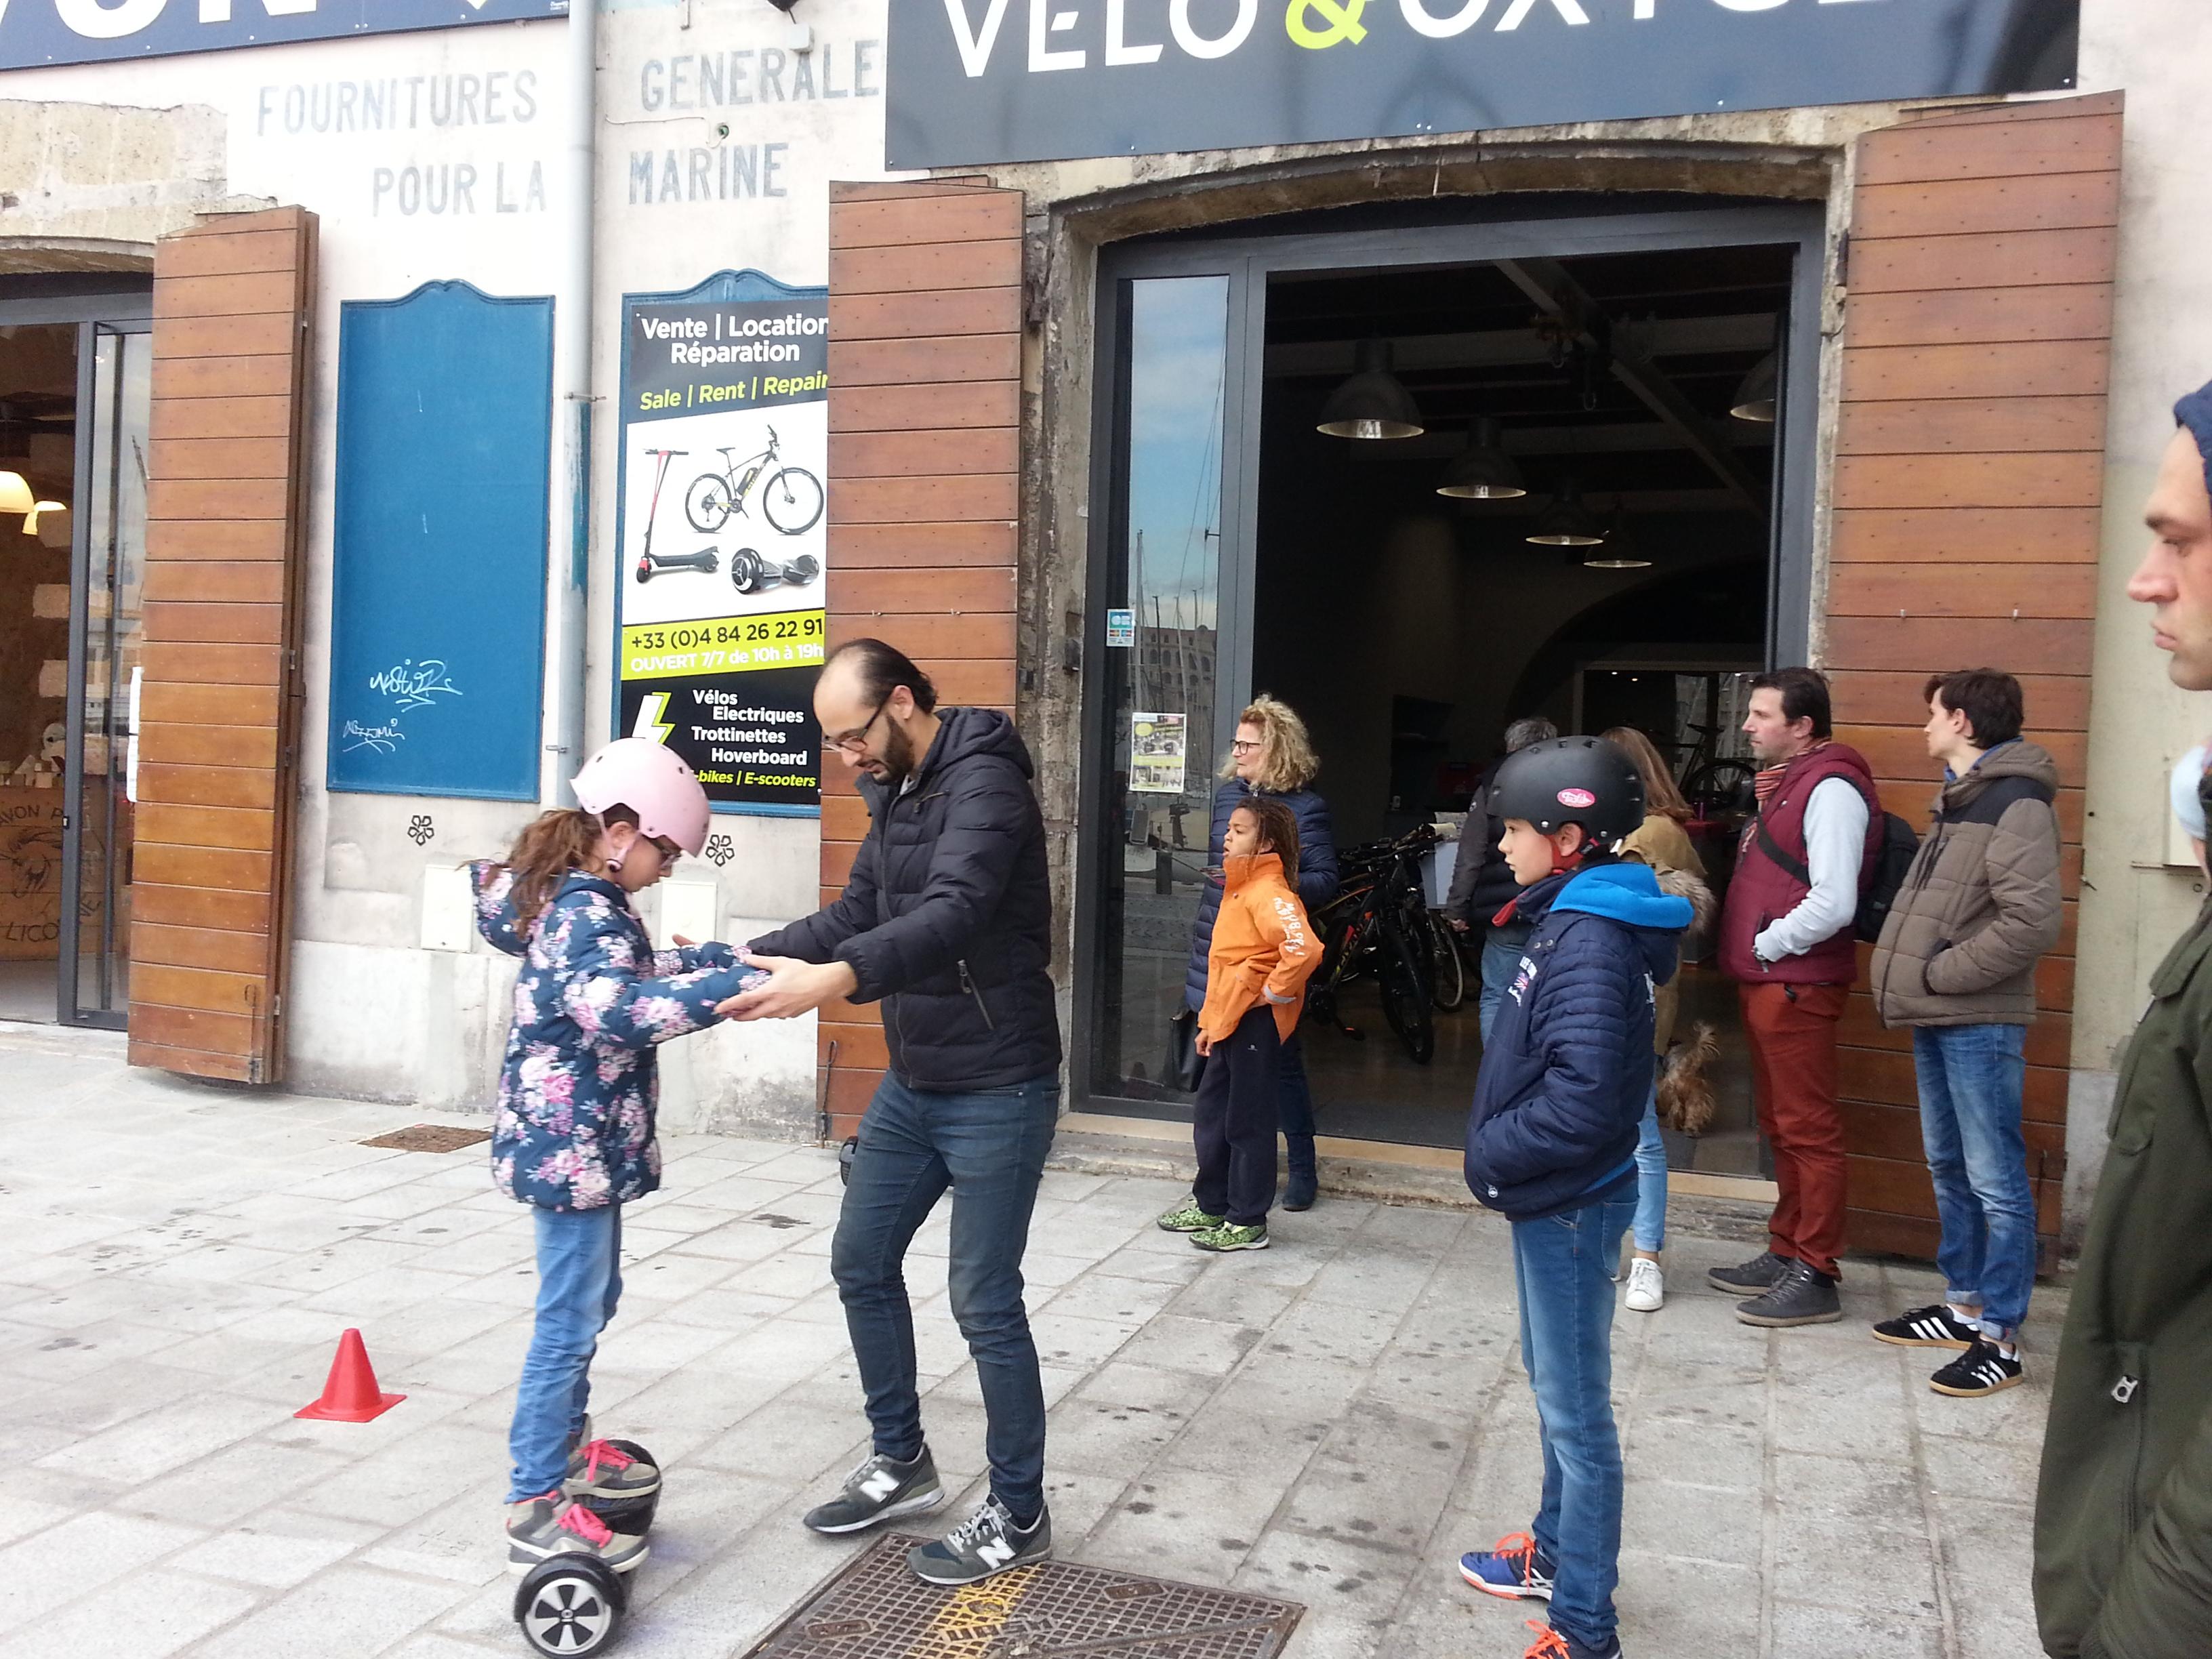 visuels E-Massilia TEST (5) (1)